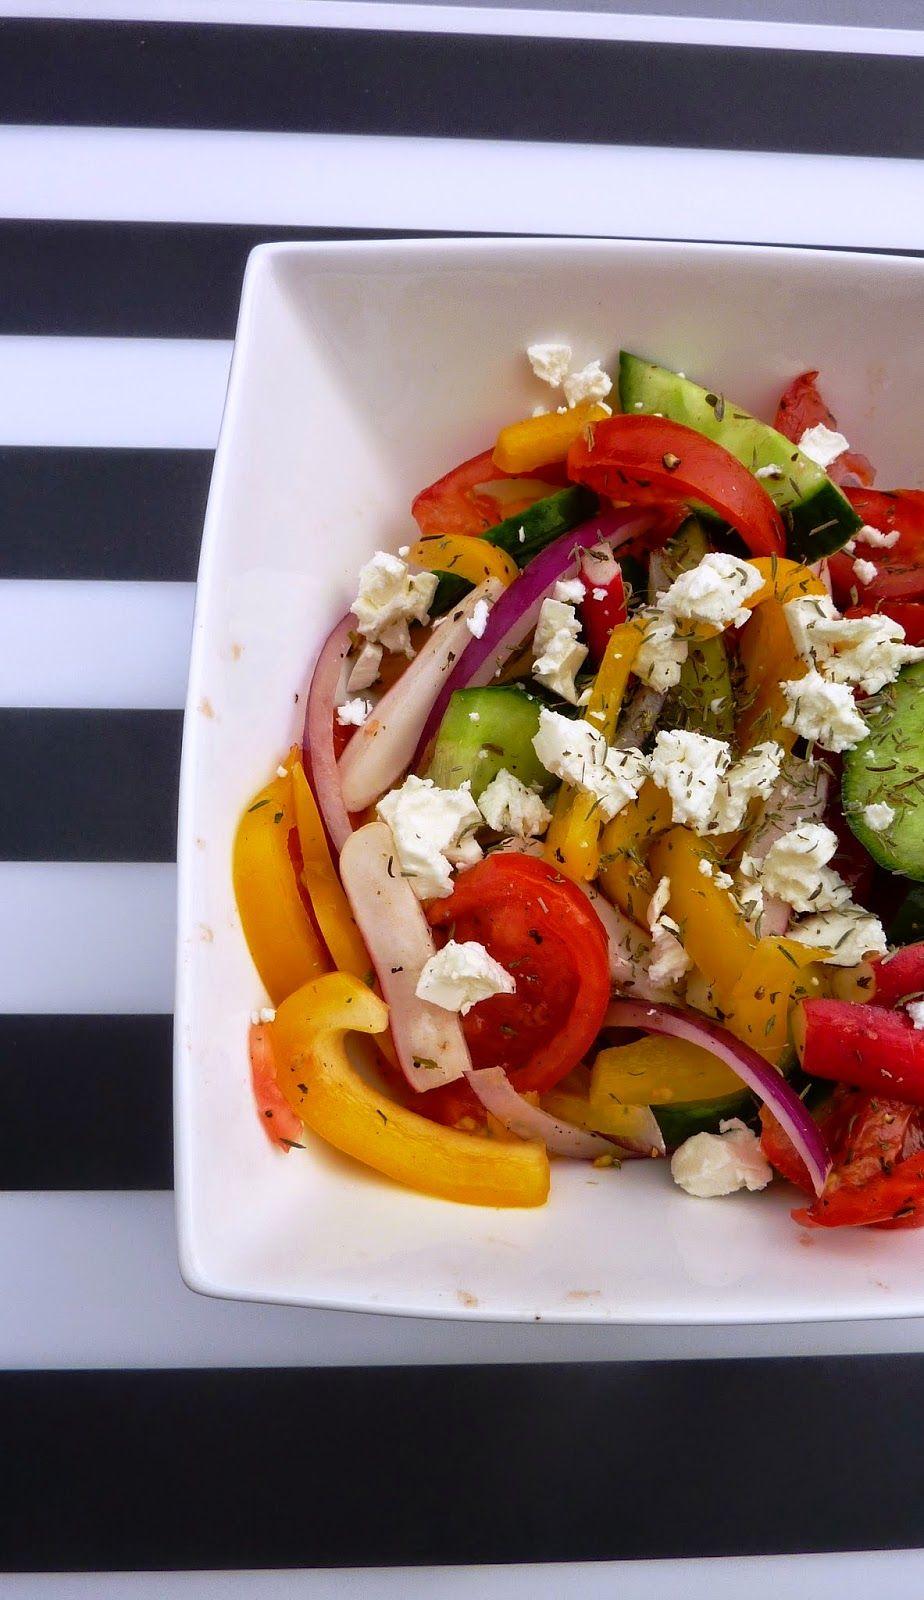 Blog de recettes weight watchers propoint ou pas salade de crudit s weight watchers - Blog cuisine weight watchers ...